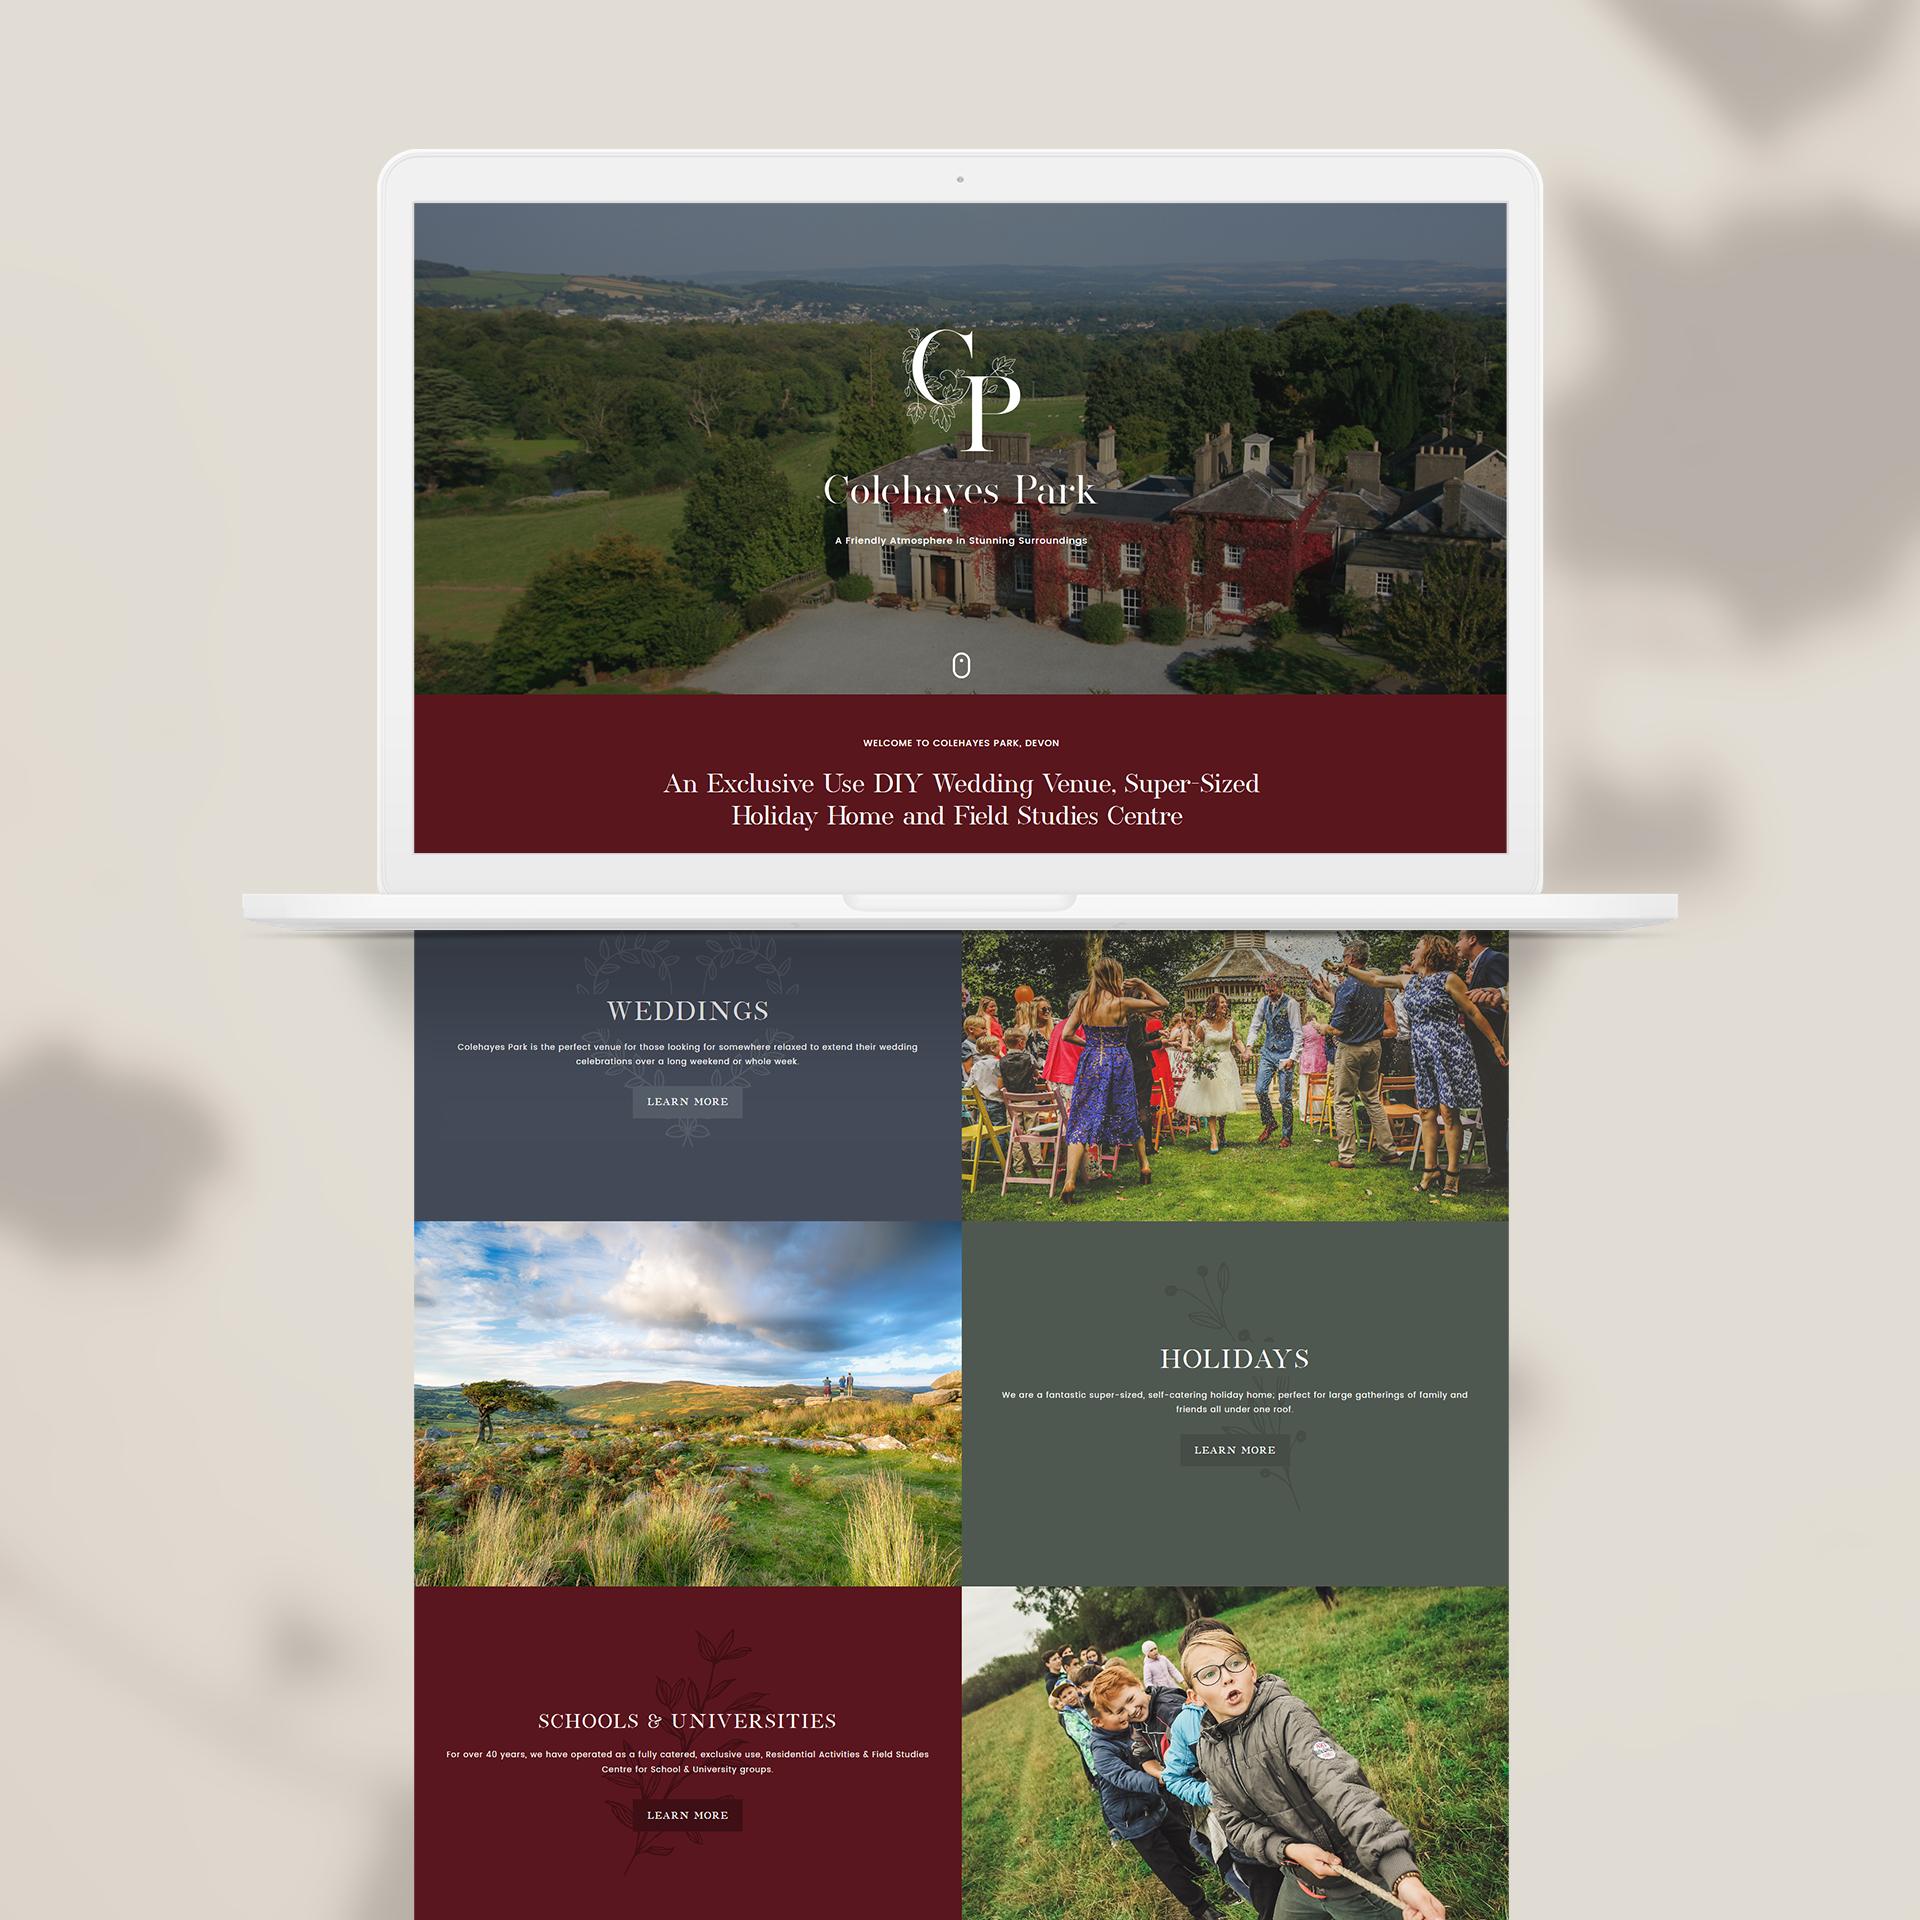 Colehayes Park - Web Design